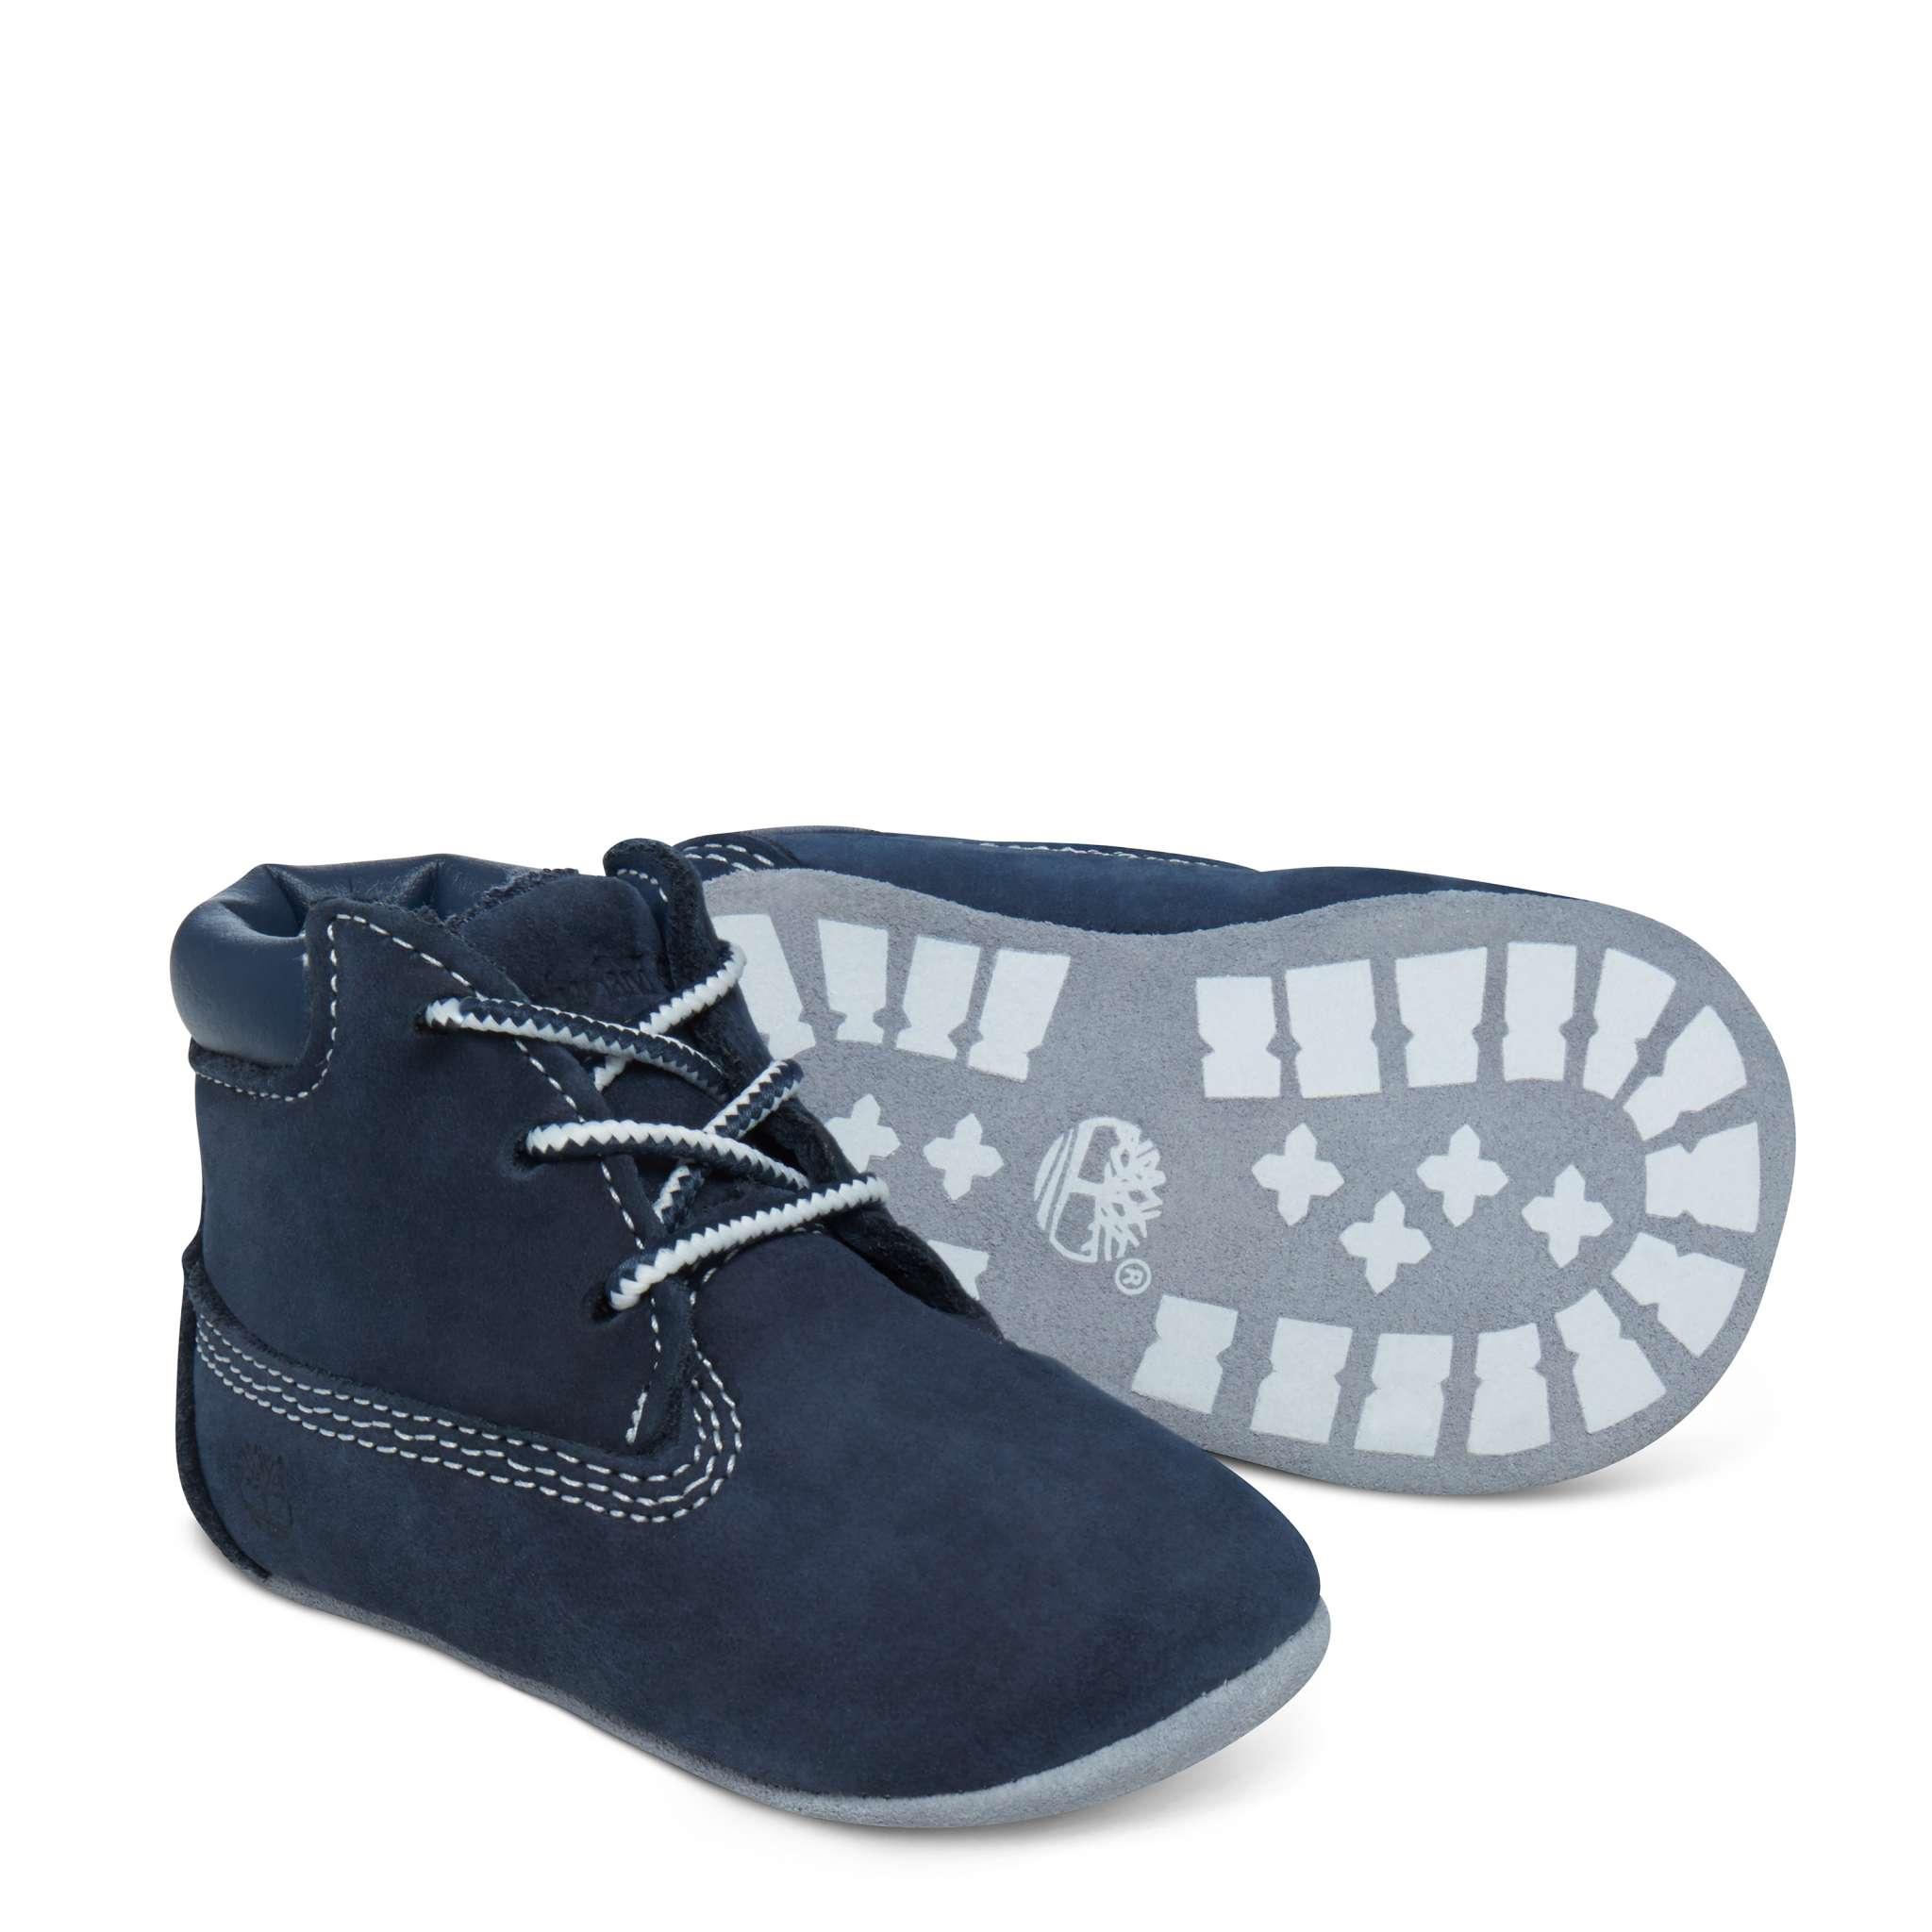 Timberland babysett med sko og lue, marine